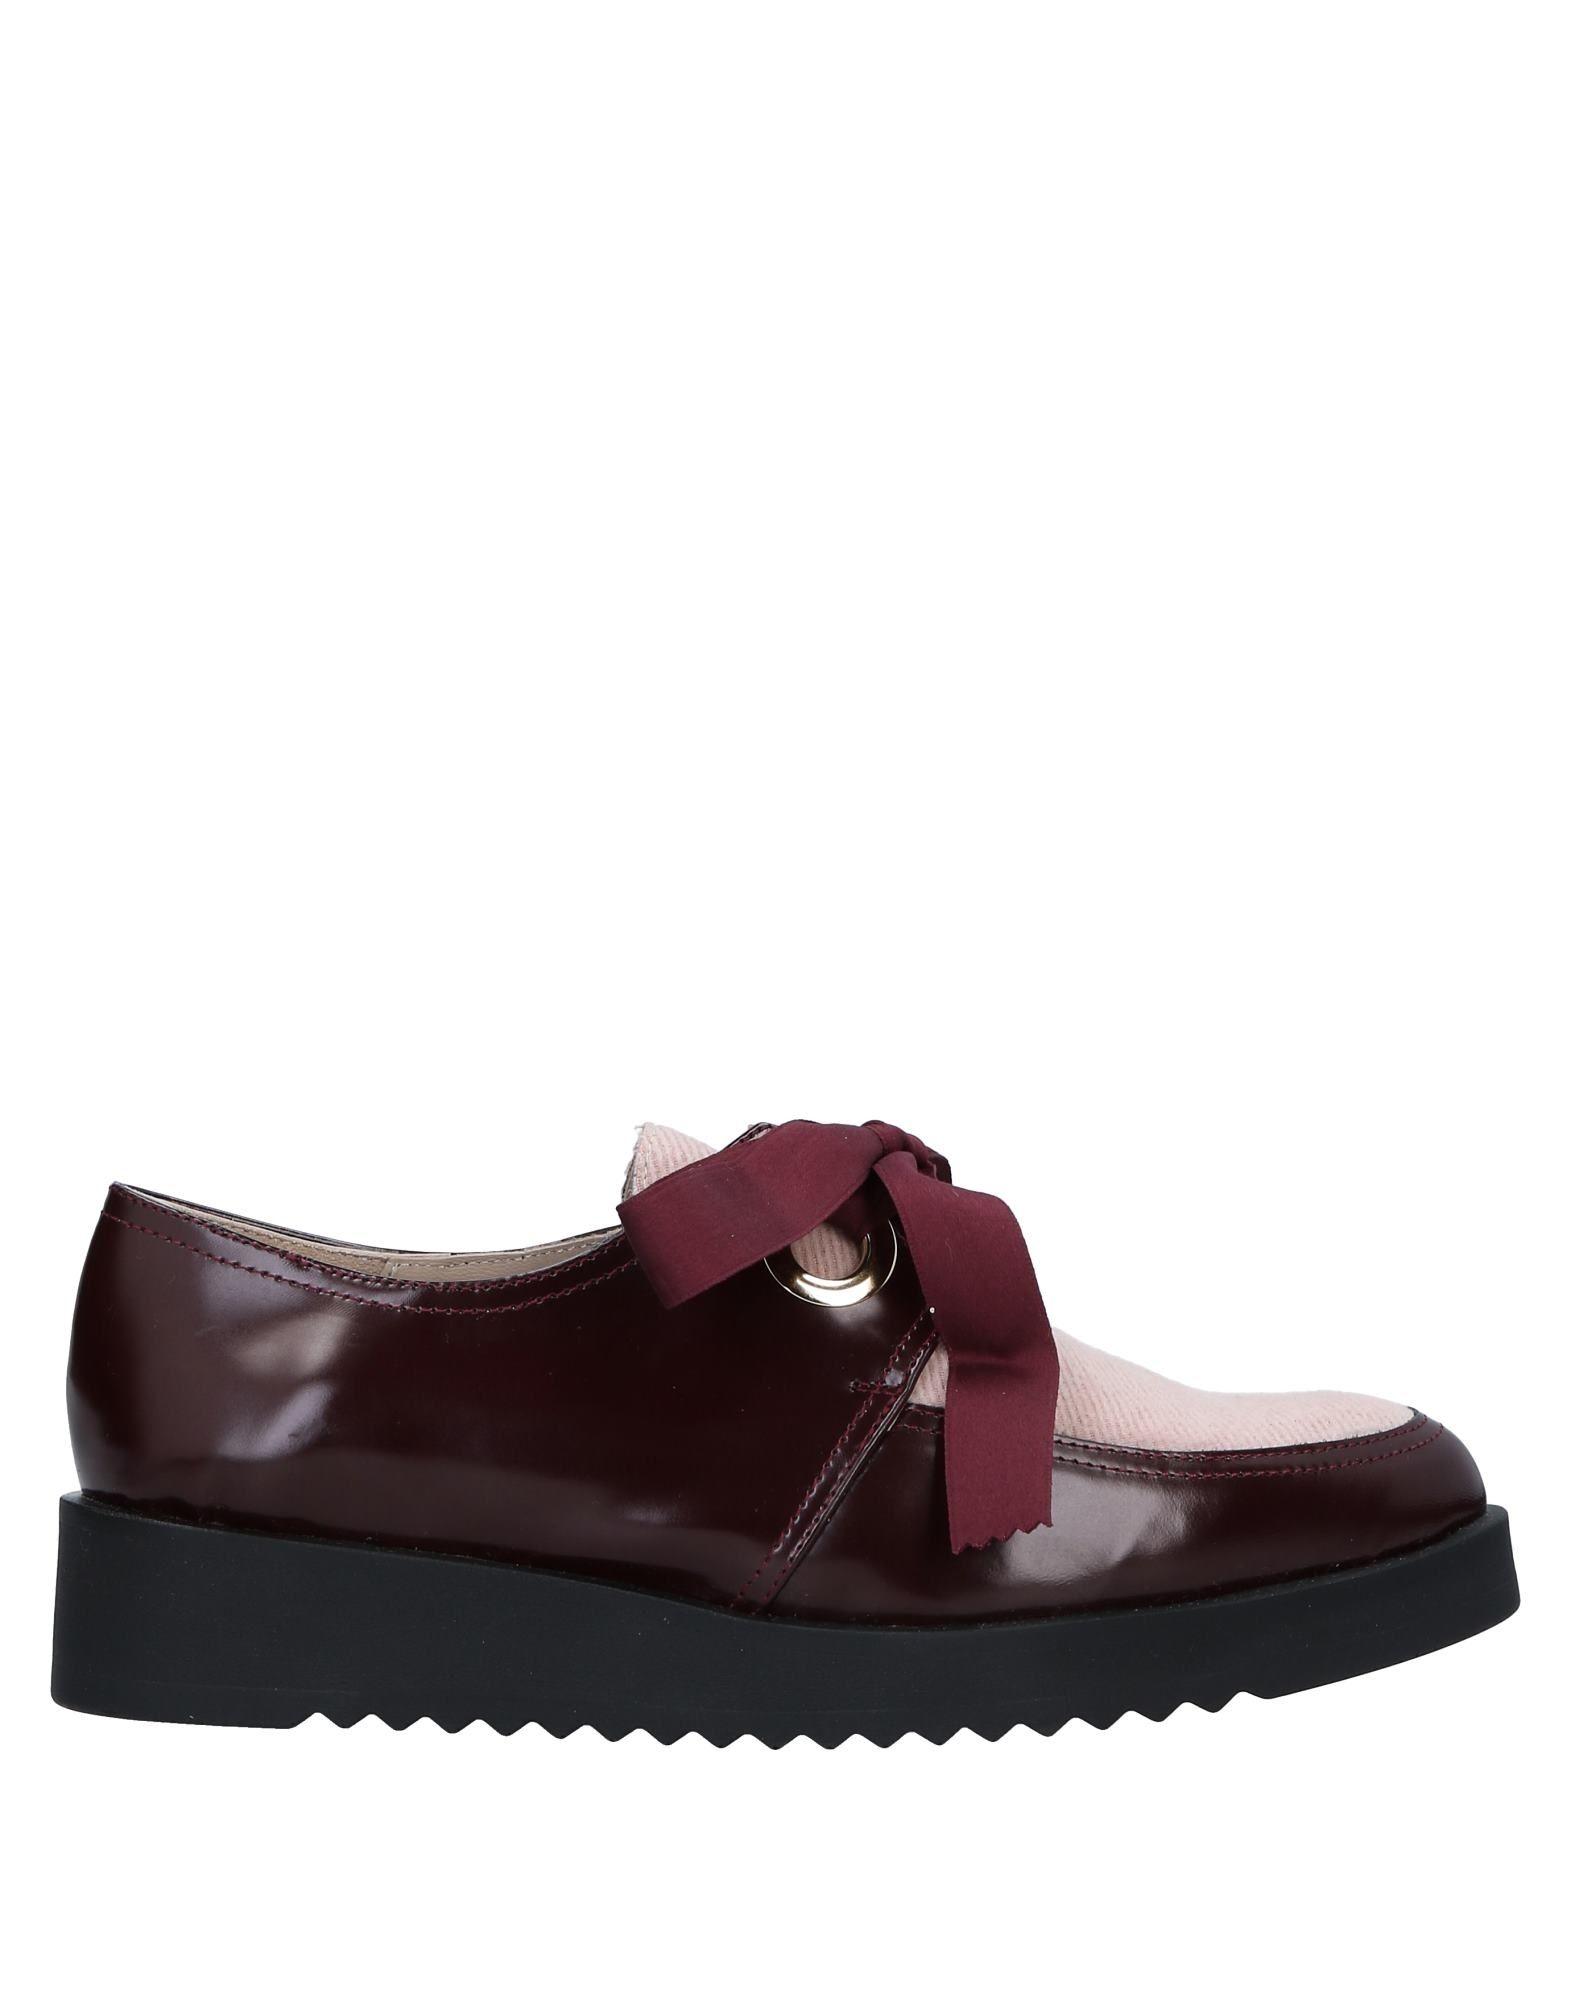 Hannibal Laguna Gute Schnürschuhe Damen  11541820CP Gute Laguna Qualität beliebte Schuhe eb62ae